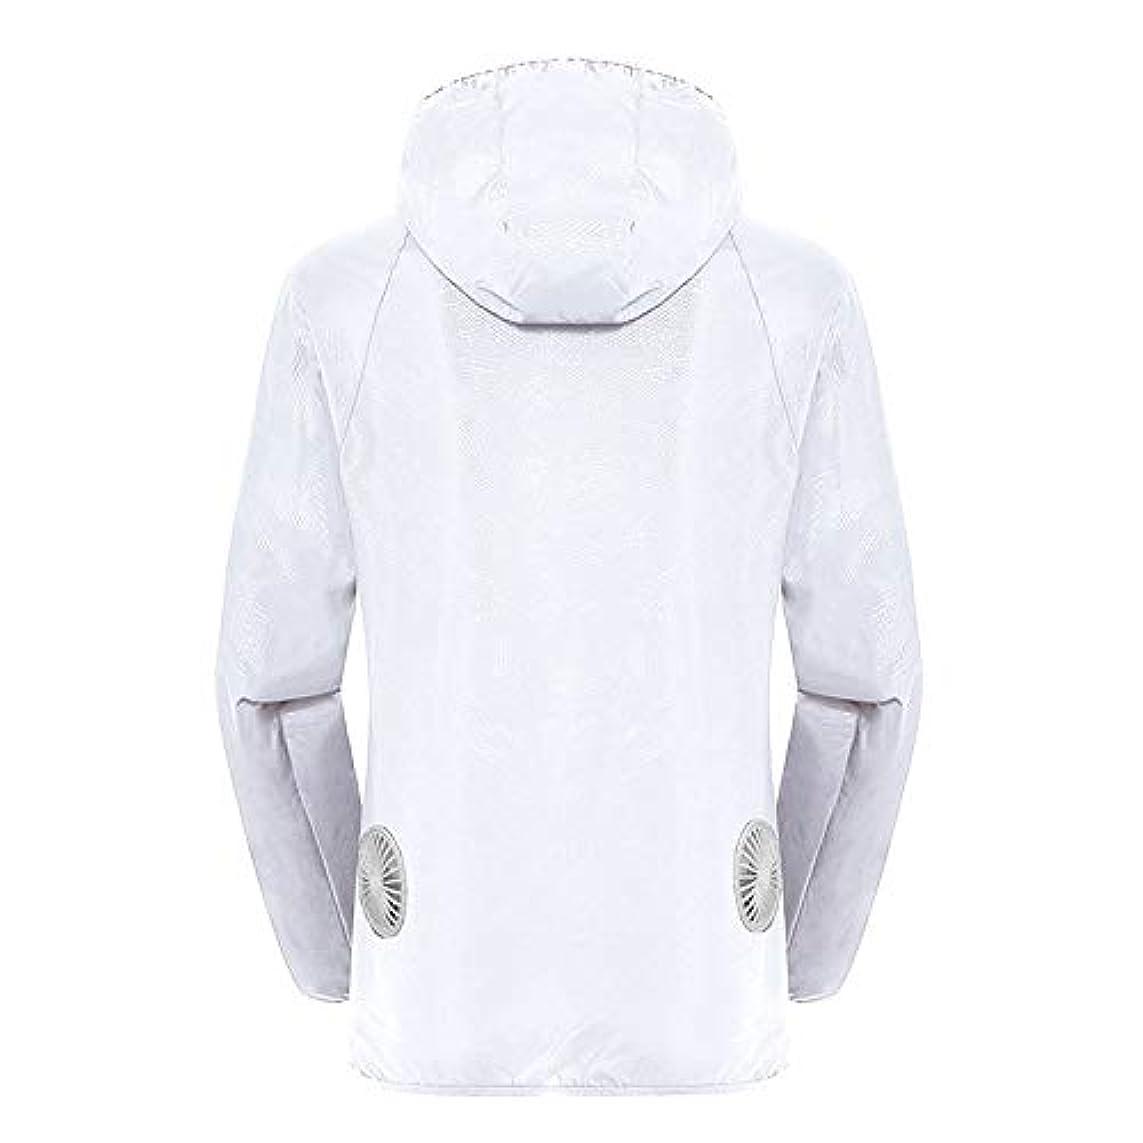 エネルギー起業家シンボル夏のスマート3ギアエアコンジャケット日焼け防止服釣りスーツ水しぶき防止服をクールダウン(宝物なしで充電),White,L